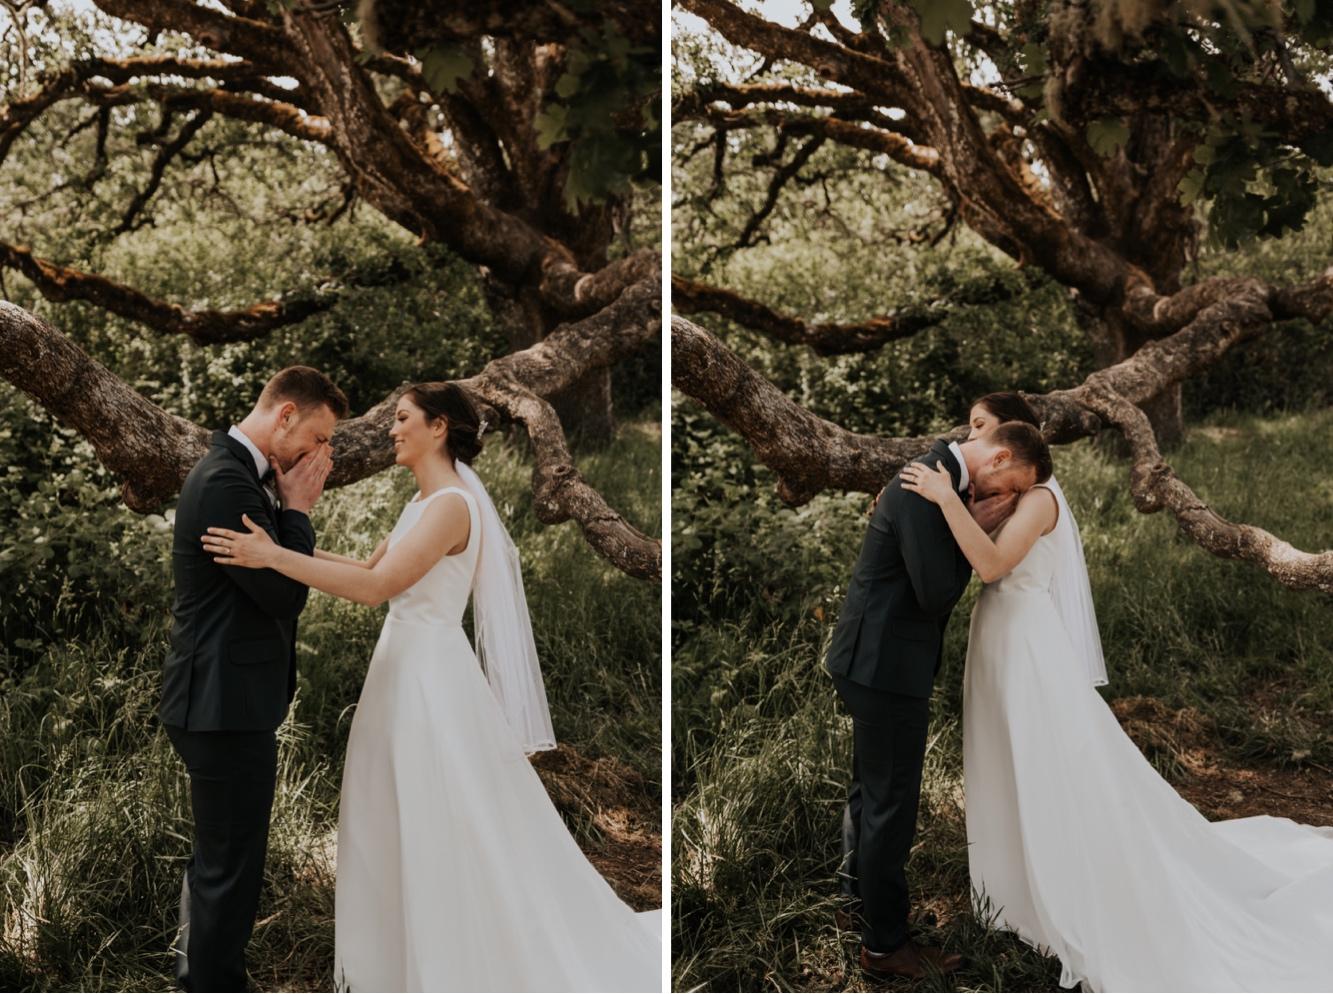 016_CorvallisOregonBarnWedding-146_CorvallisOregonBarnWedding-145_corvallis_wedding_photographer.jpg